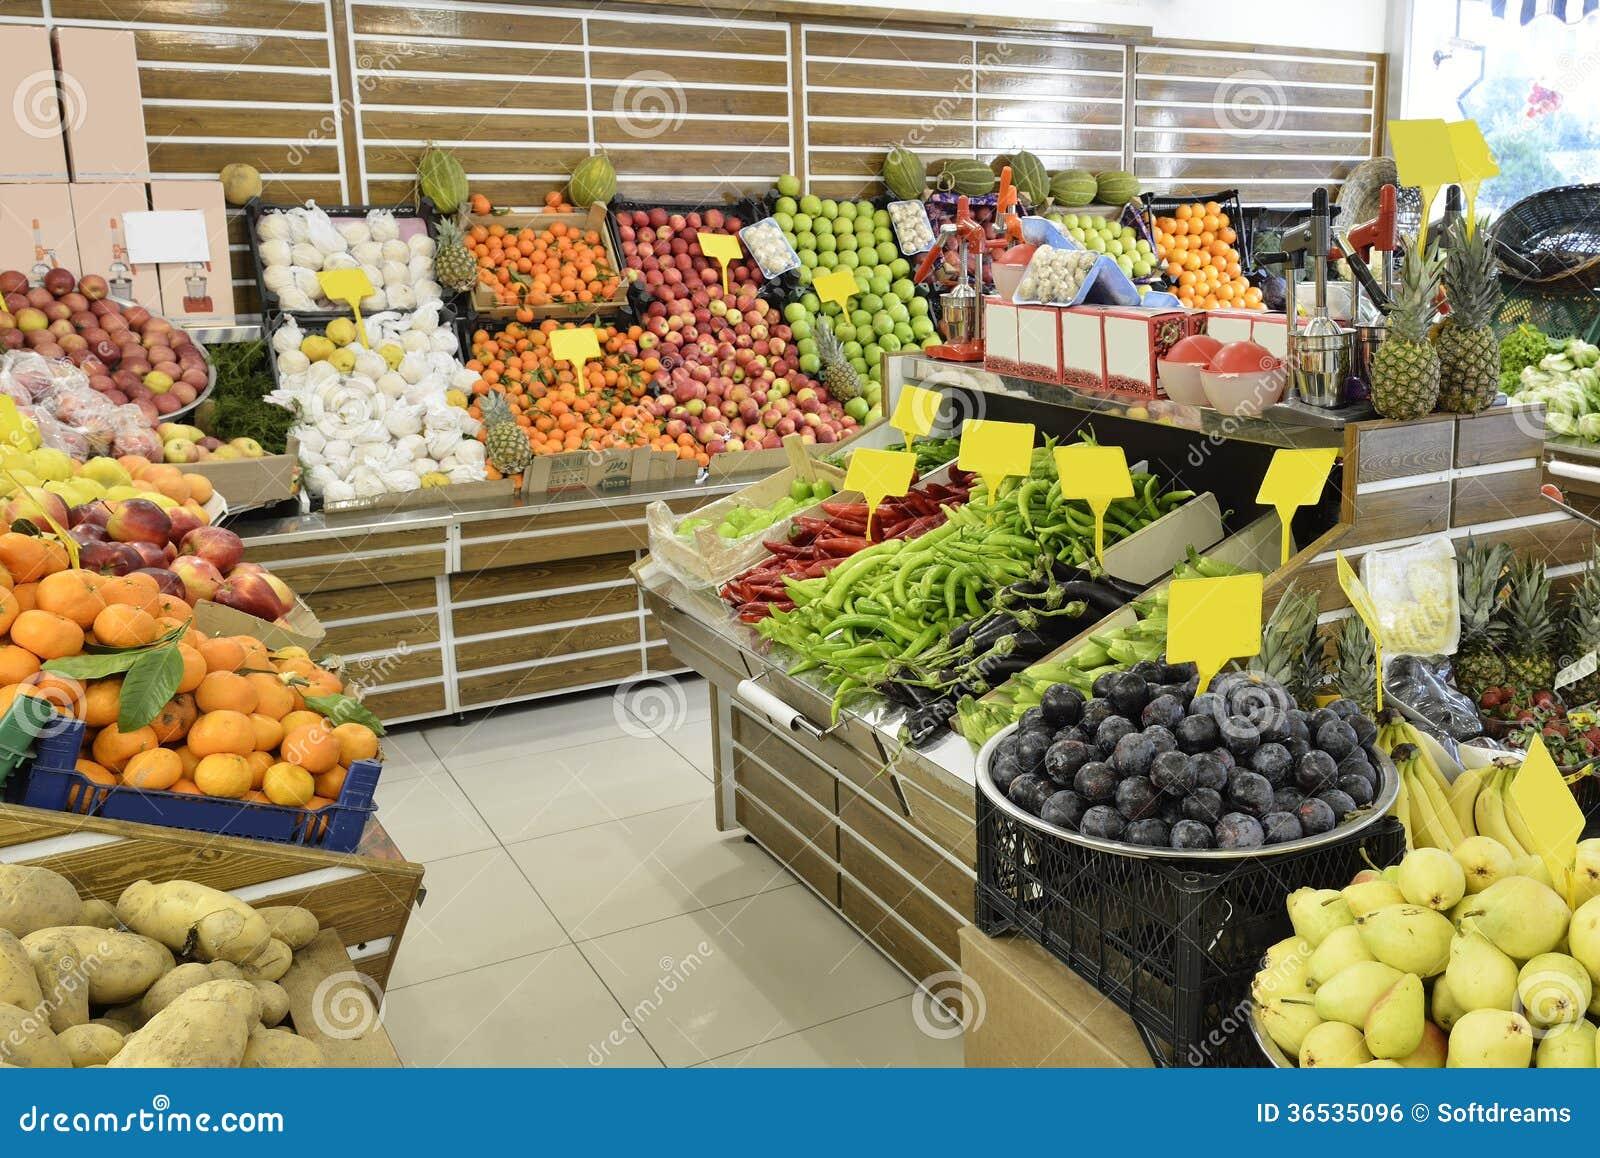 Отдел по изготовлению в супермаркете